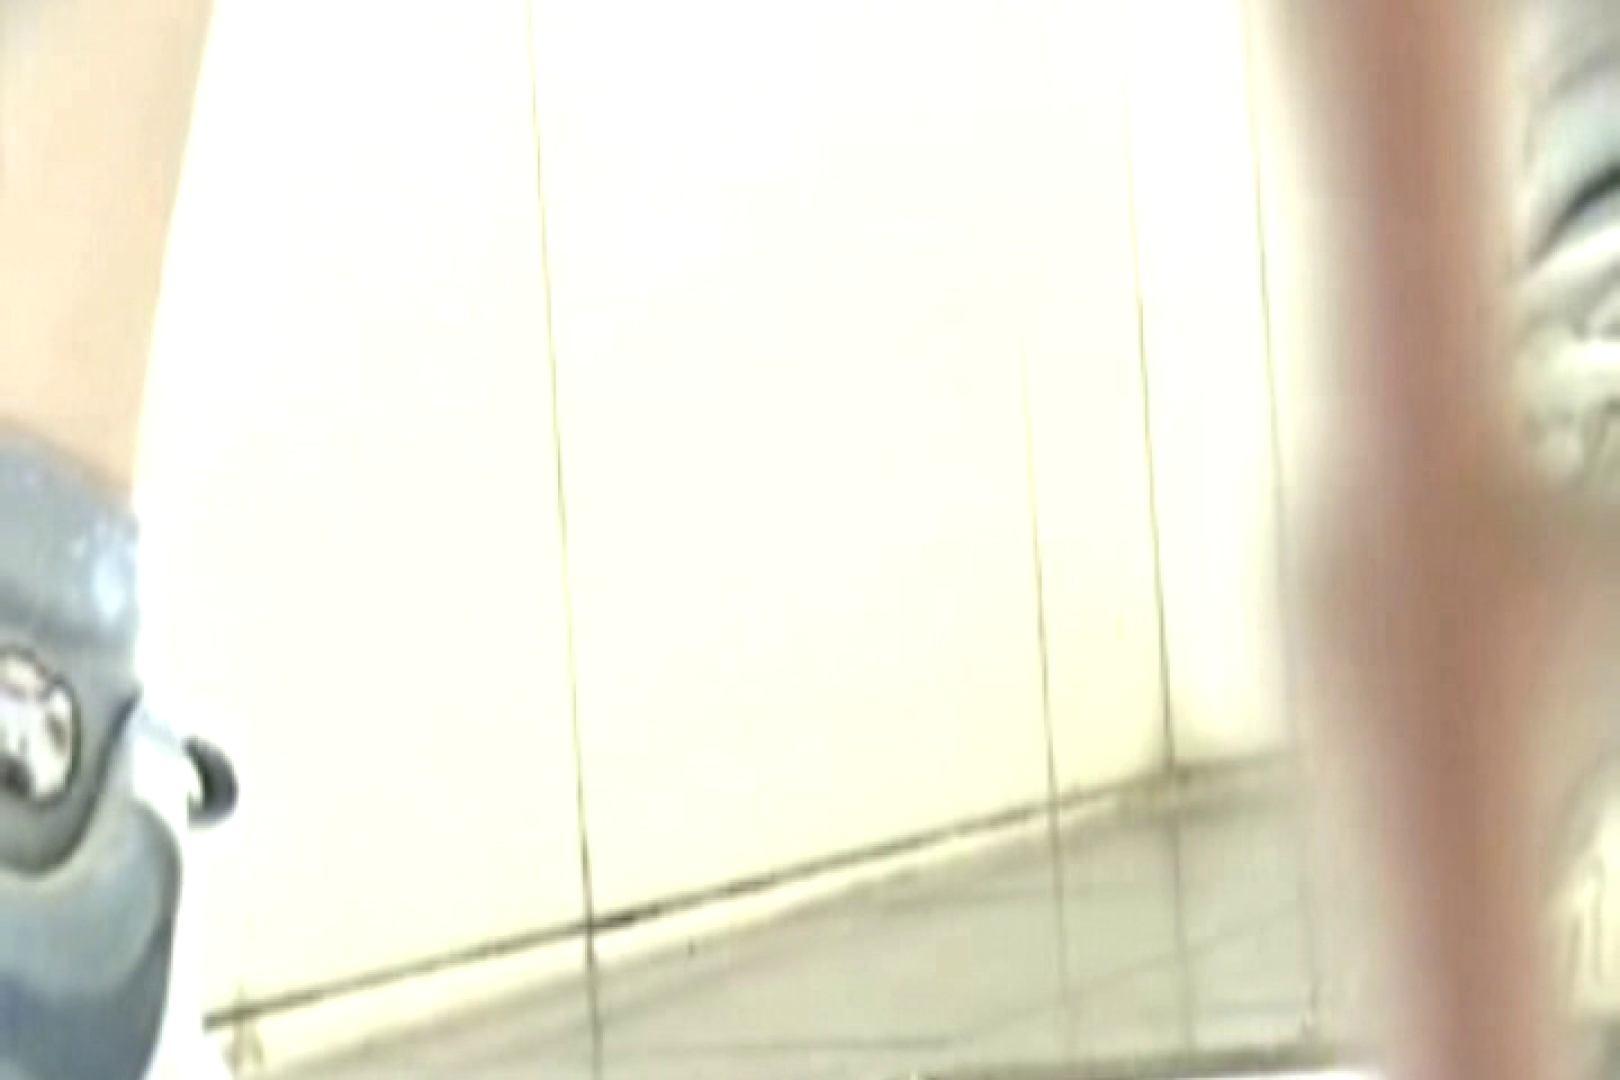 ぼっとん洗面所スペシャルVol.1 OLセックス  56画像 48